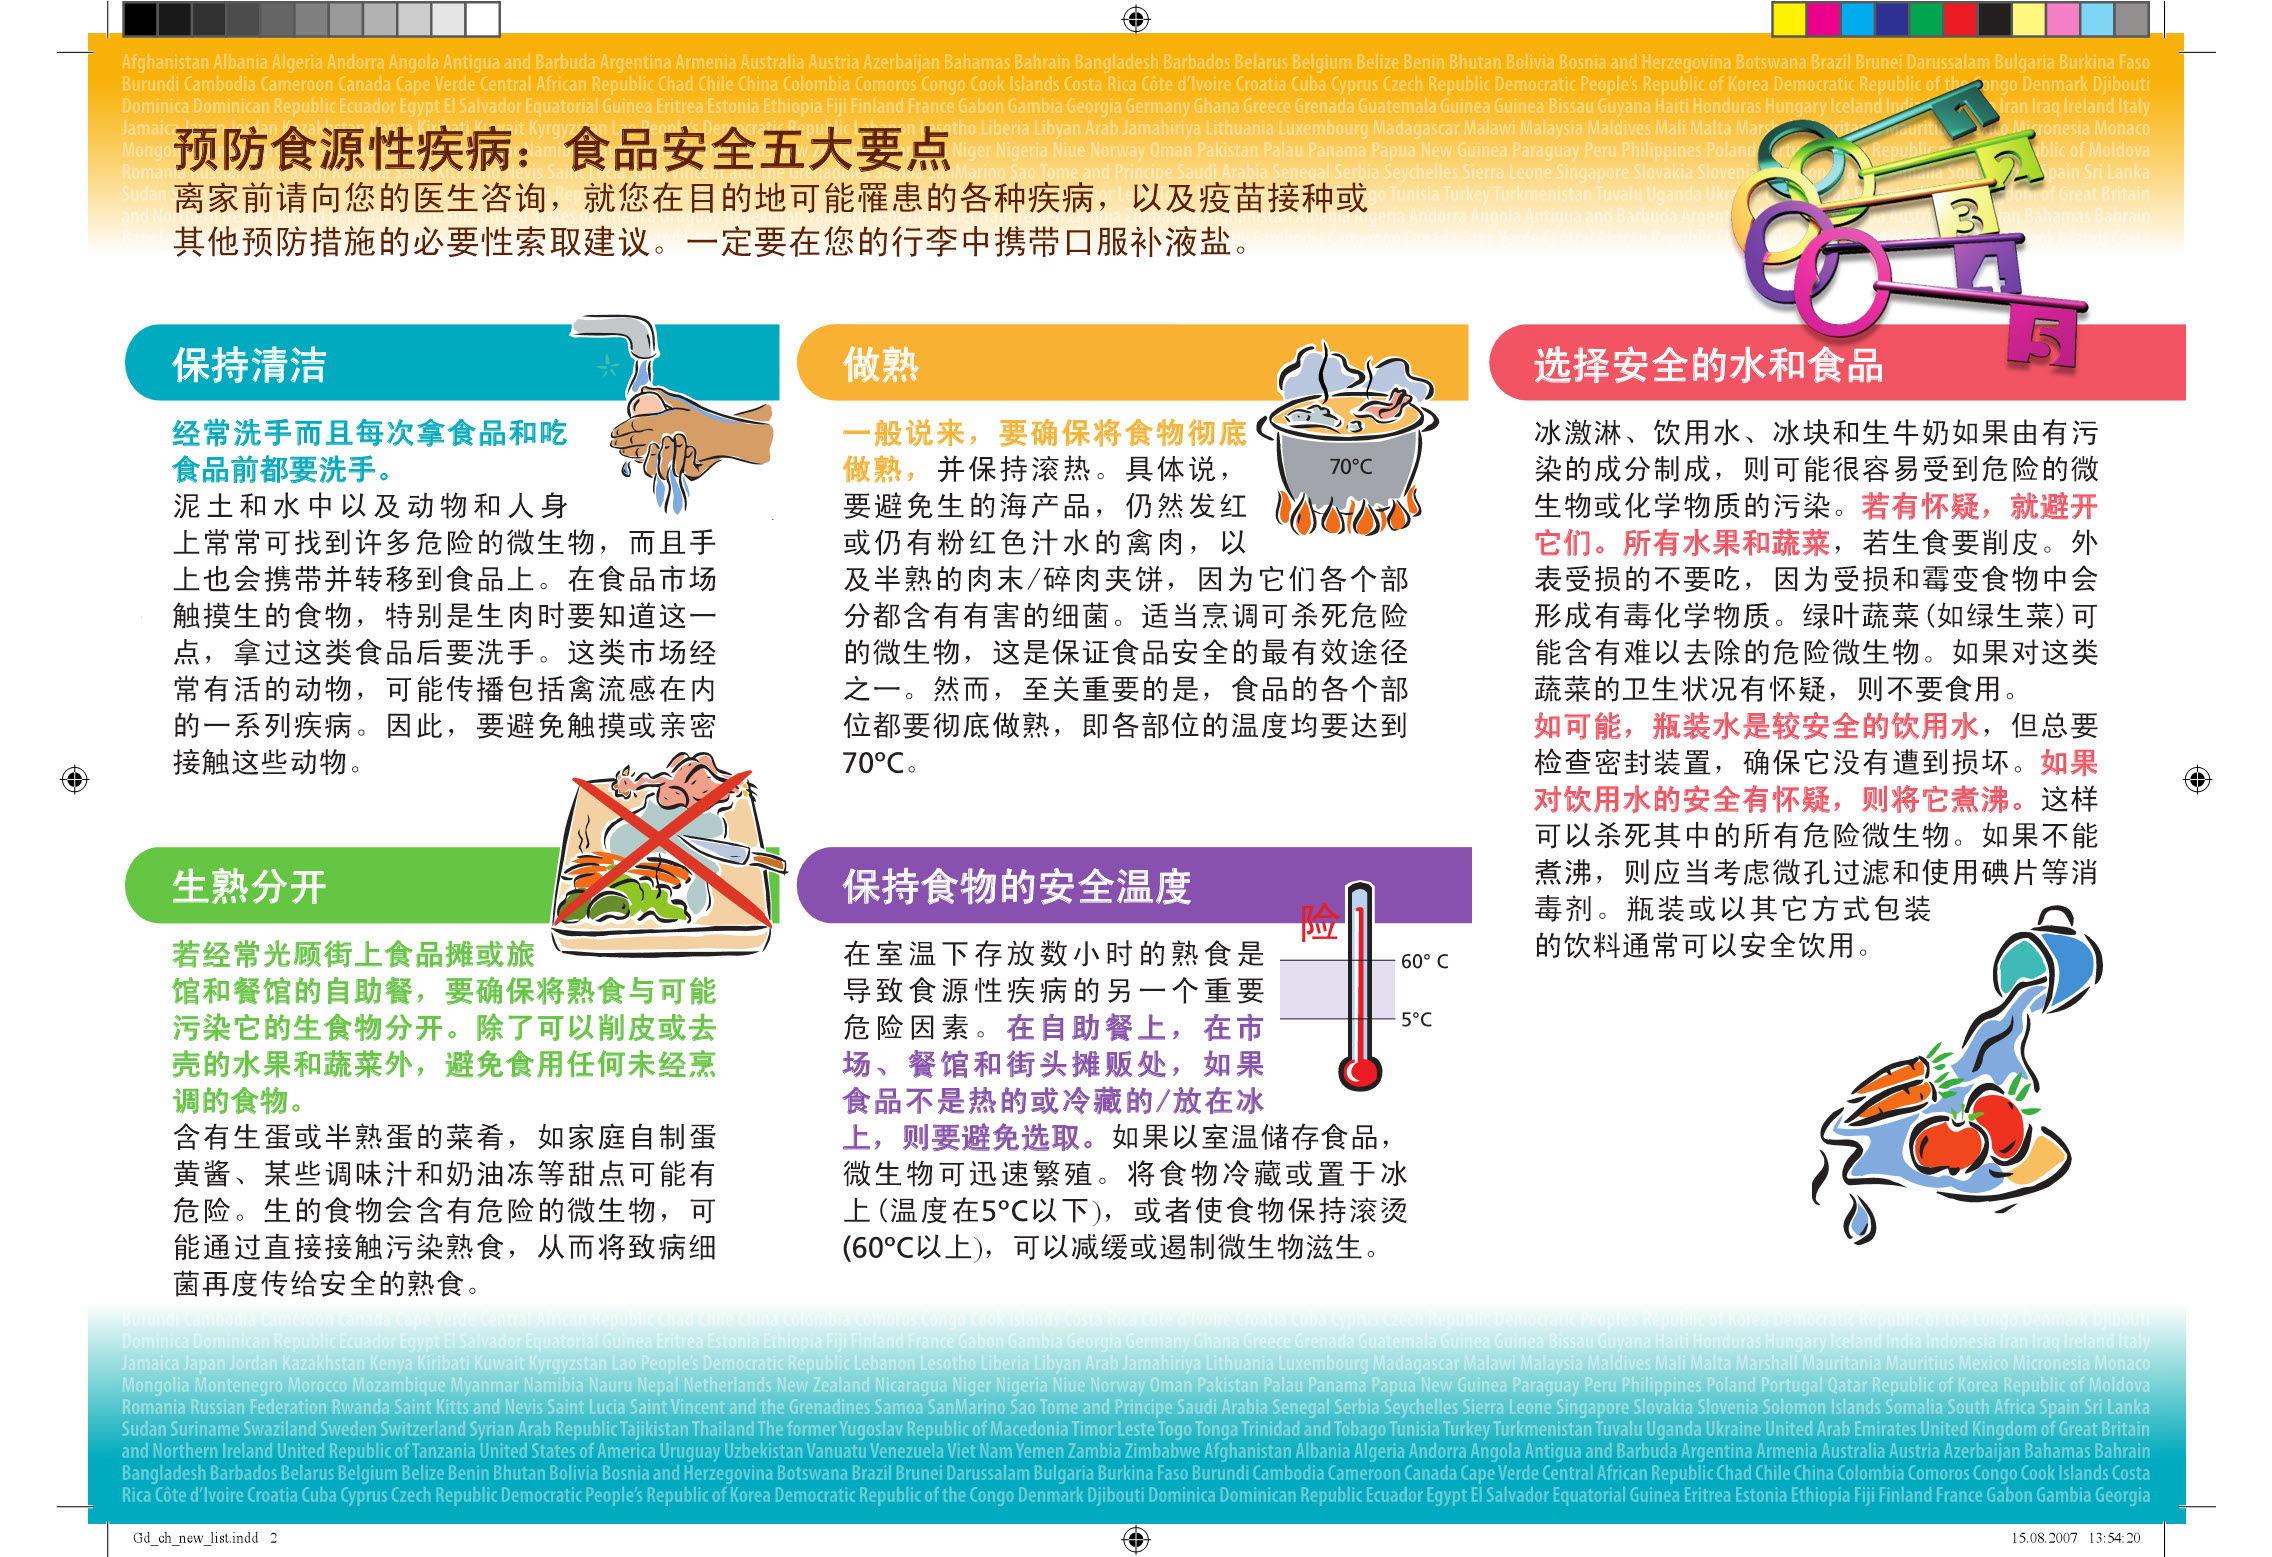 2019-09-04_23-25-52_看圖王